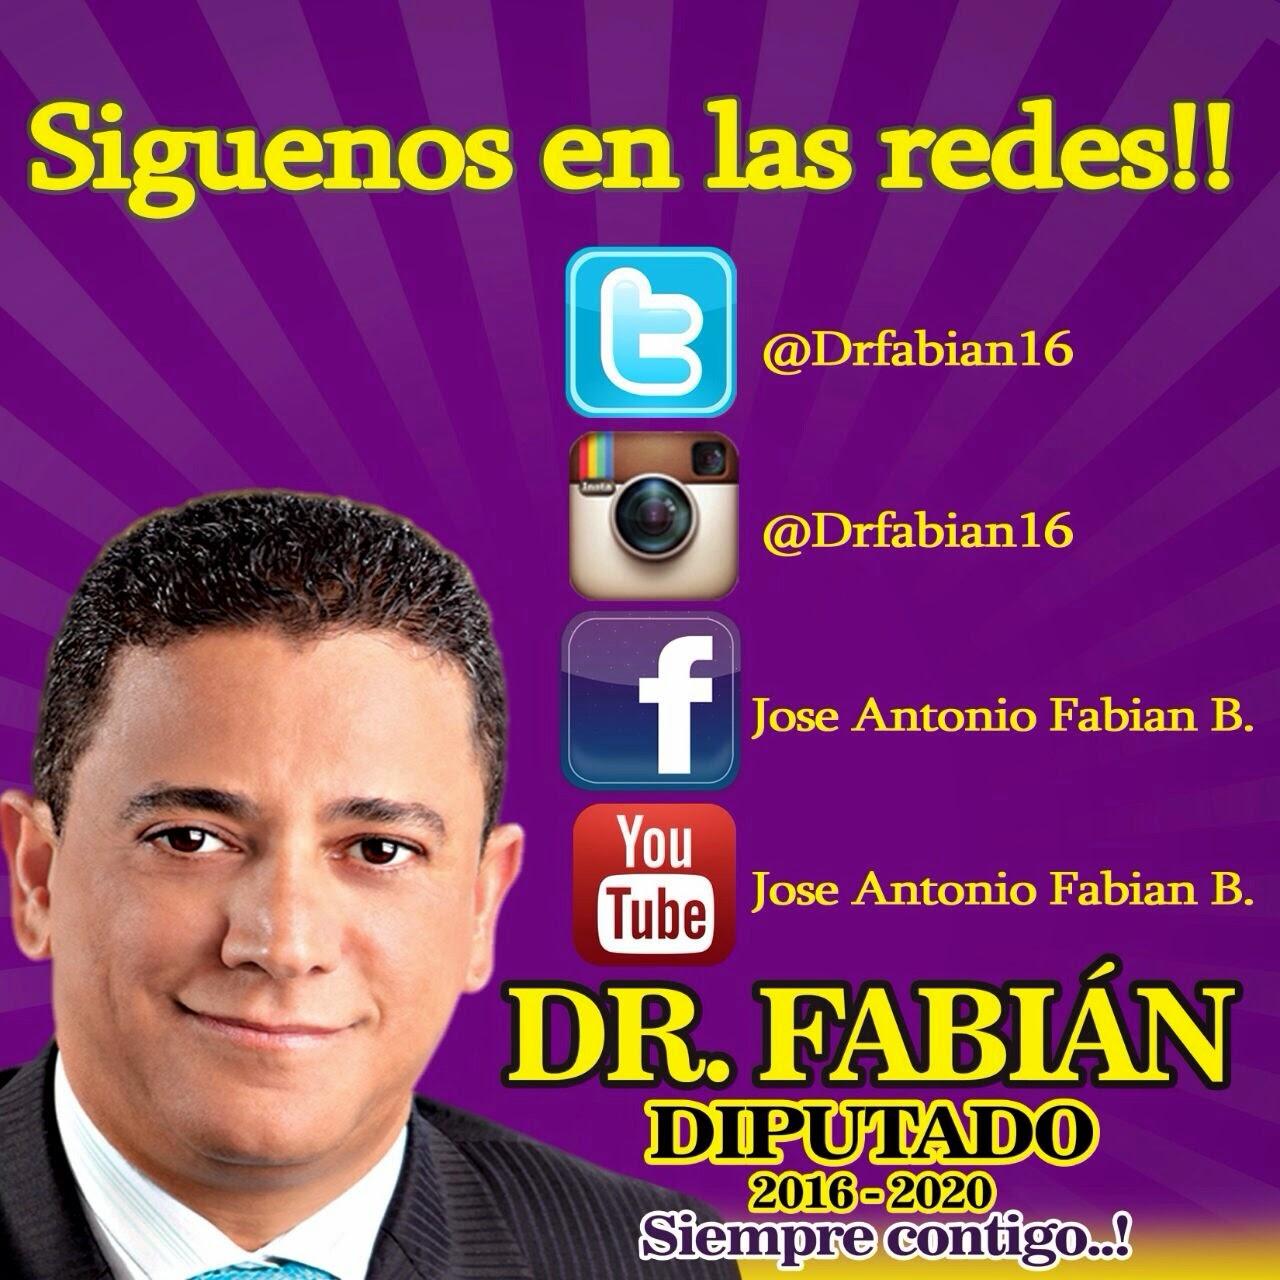 EL DR.FABIÁN VUELVE Y VUELVE